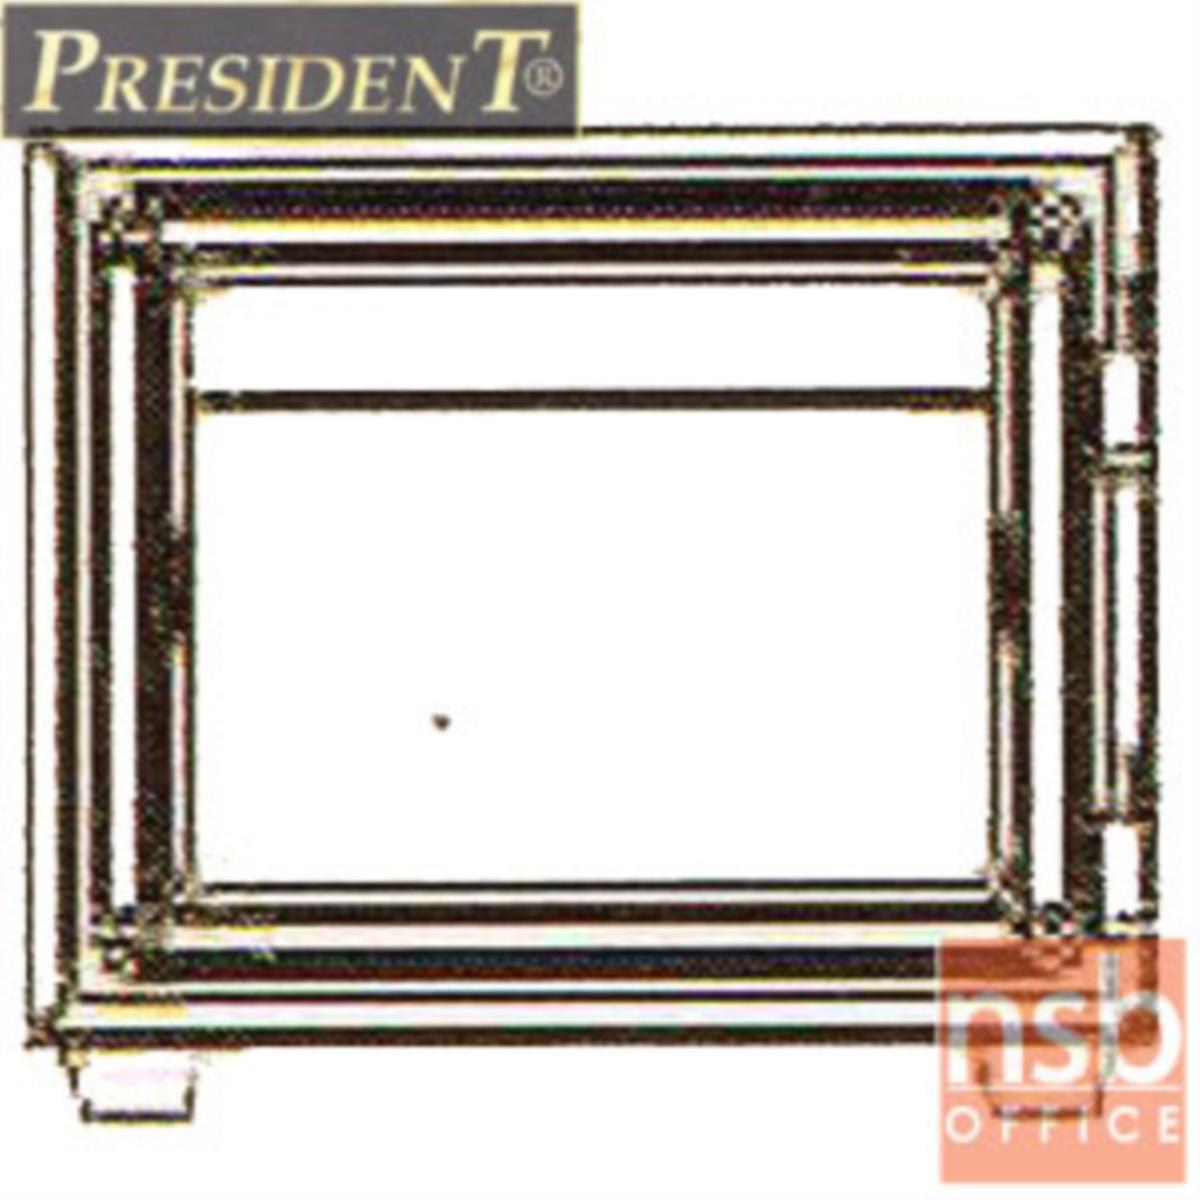 ตู้เซฟนิรภัยชนิดหมุน 28 กก. รุ่น PRESIDENT-LS1 มี 1 กุญแจ 1 รหัส (รหัสใช้หมุนหน้าตู้)